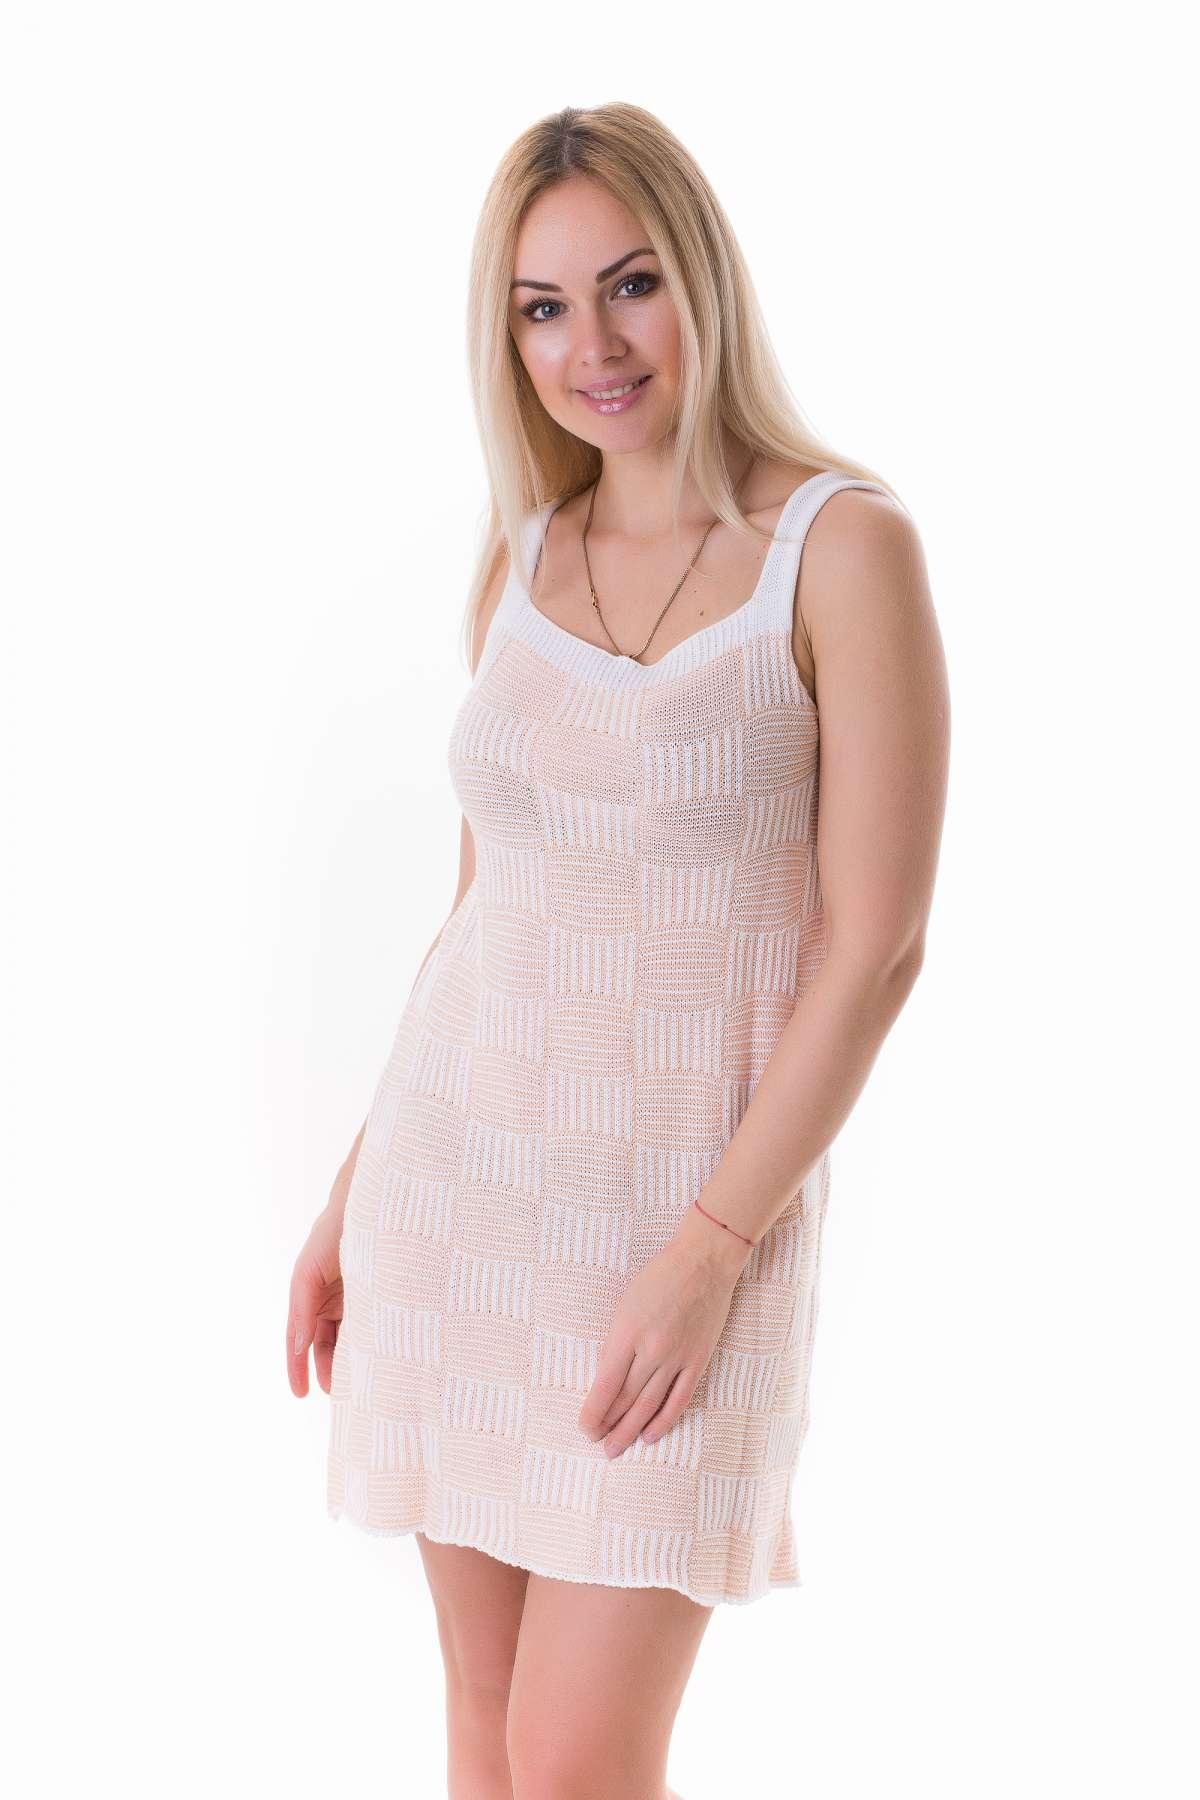 3670a8163163011 Платье-сарафан вязаный Мишель хлопок Персиковый оптом и в розницу